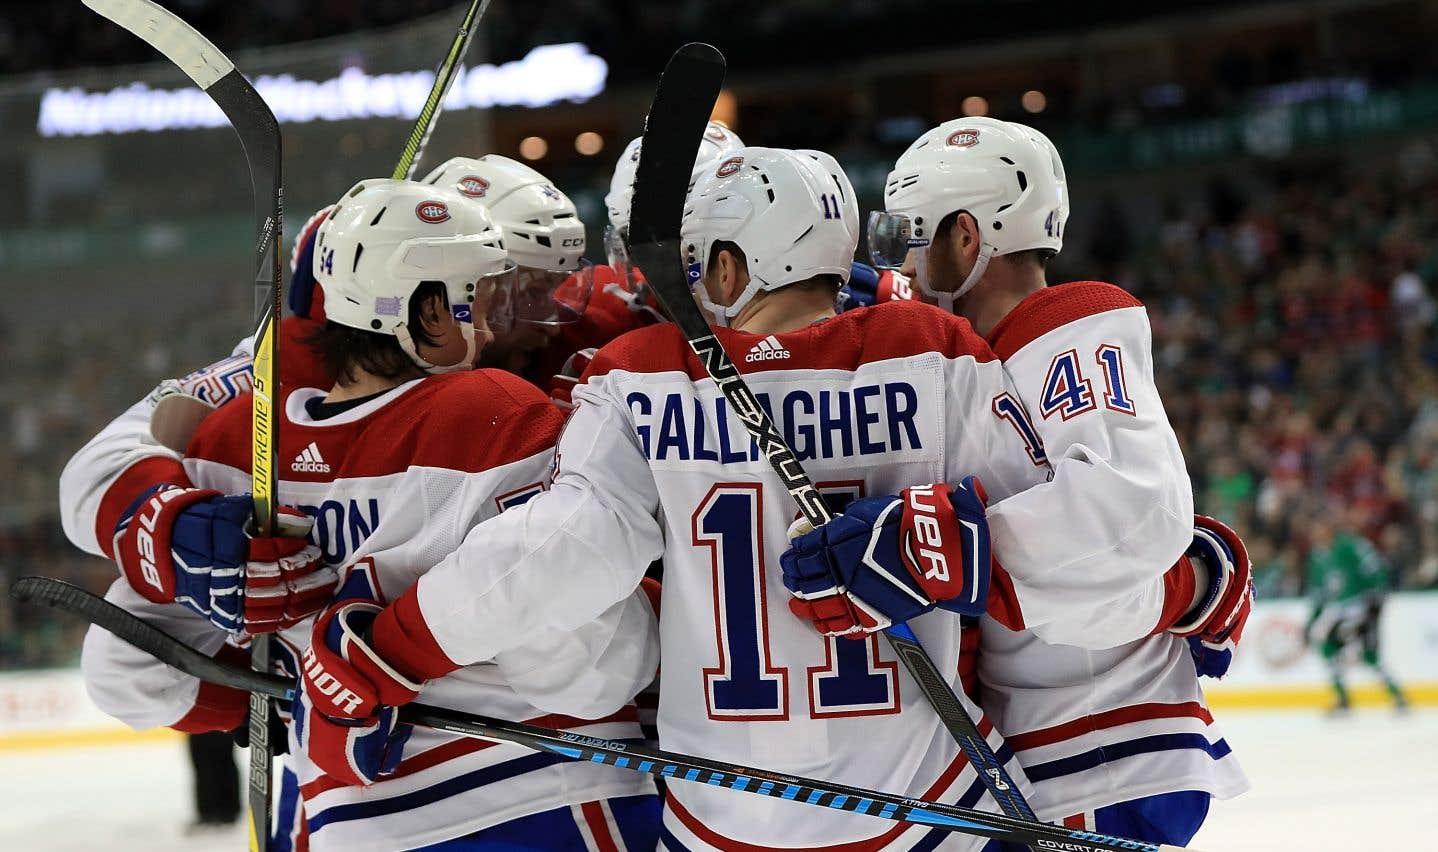 Le Canadien devra fournir un effort collectif pour vaincre les Blues, selon Claude Julien